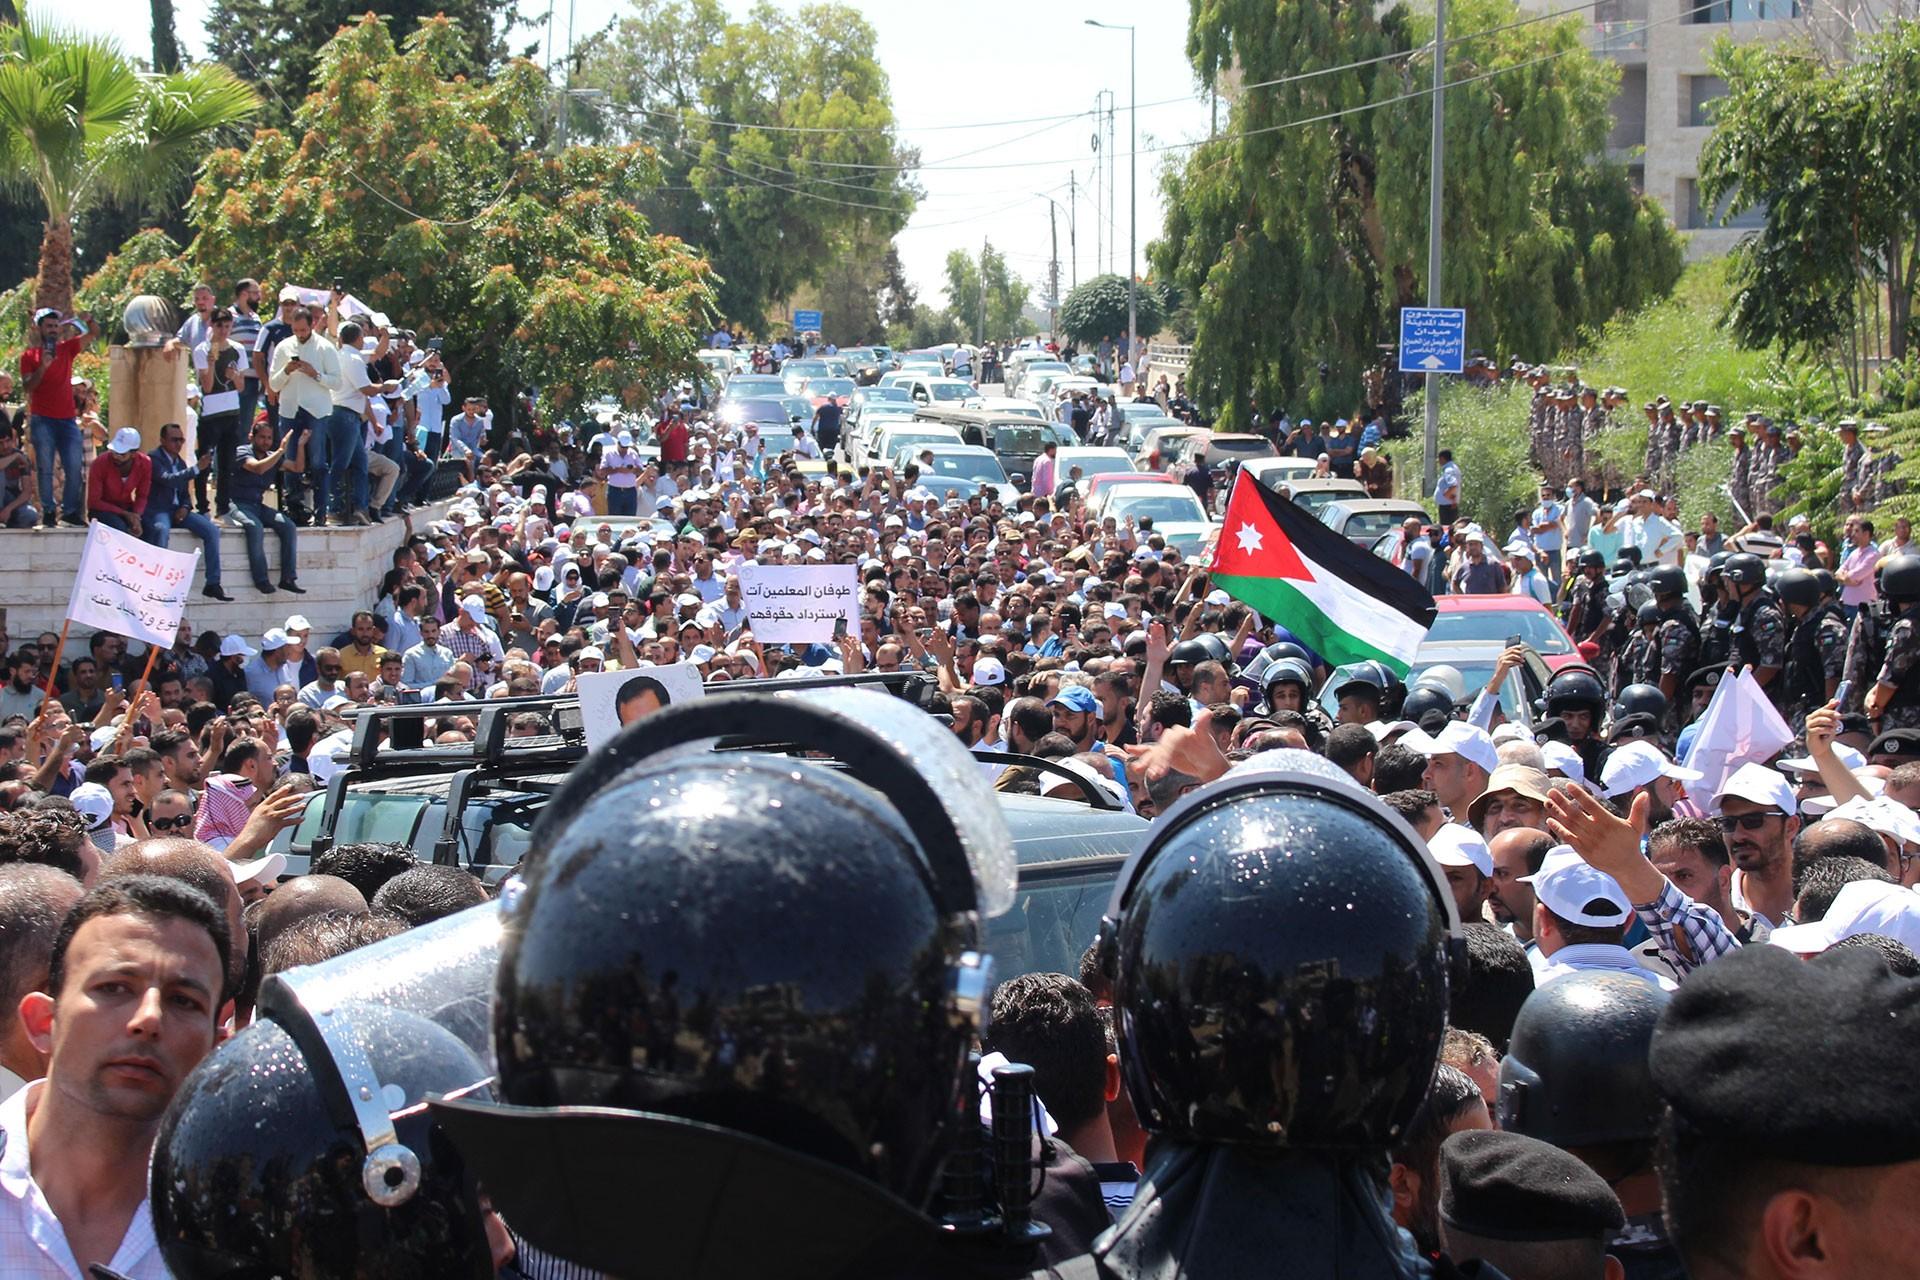 Ürdün'de öğretmenlerin grevi yasağa rağmen sürüyor; destek büyüyor